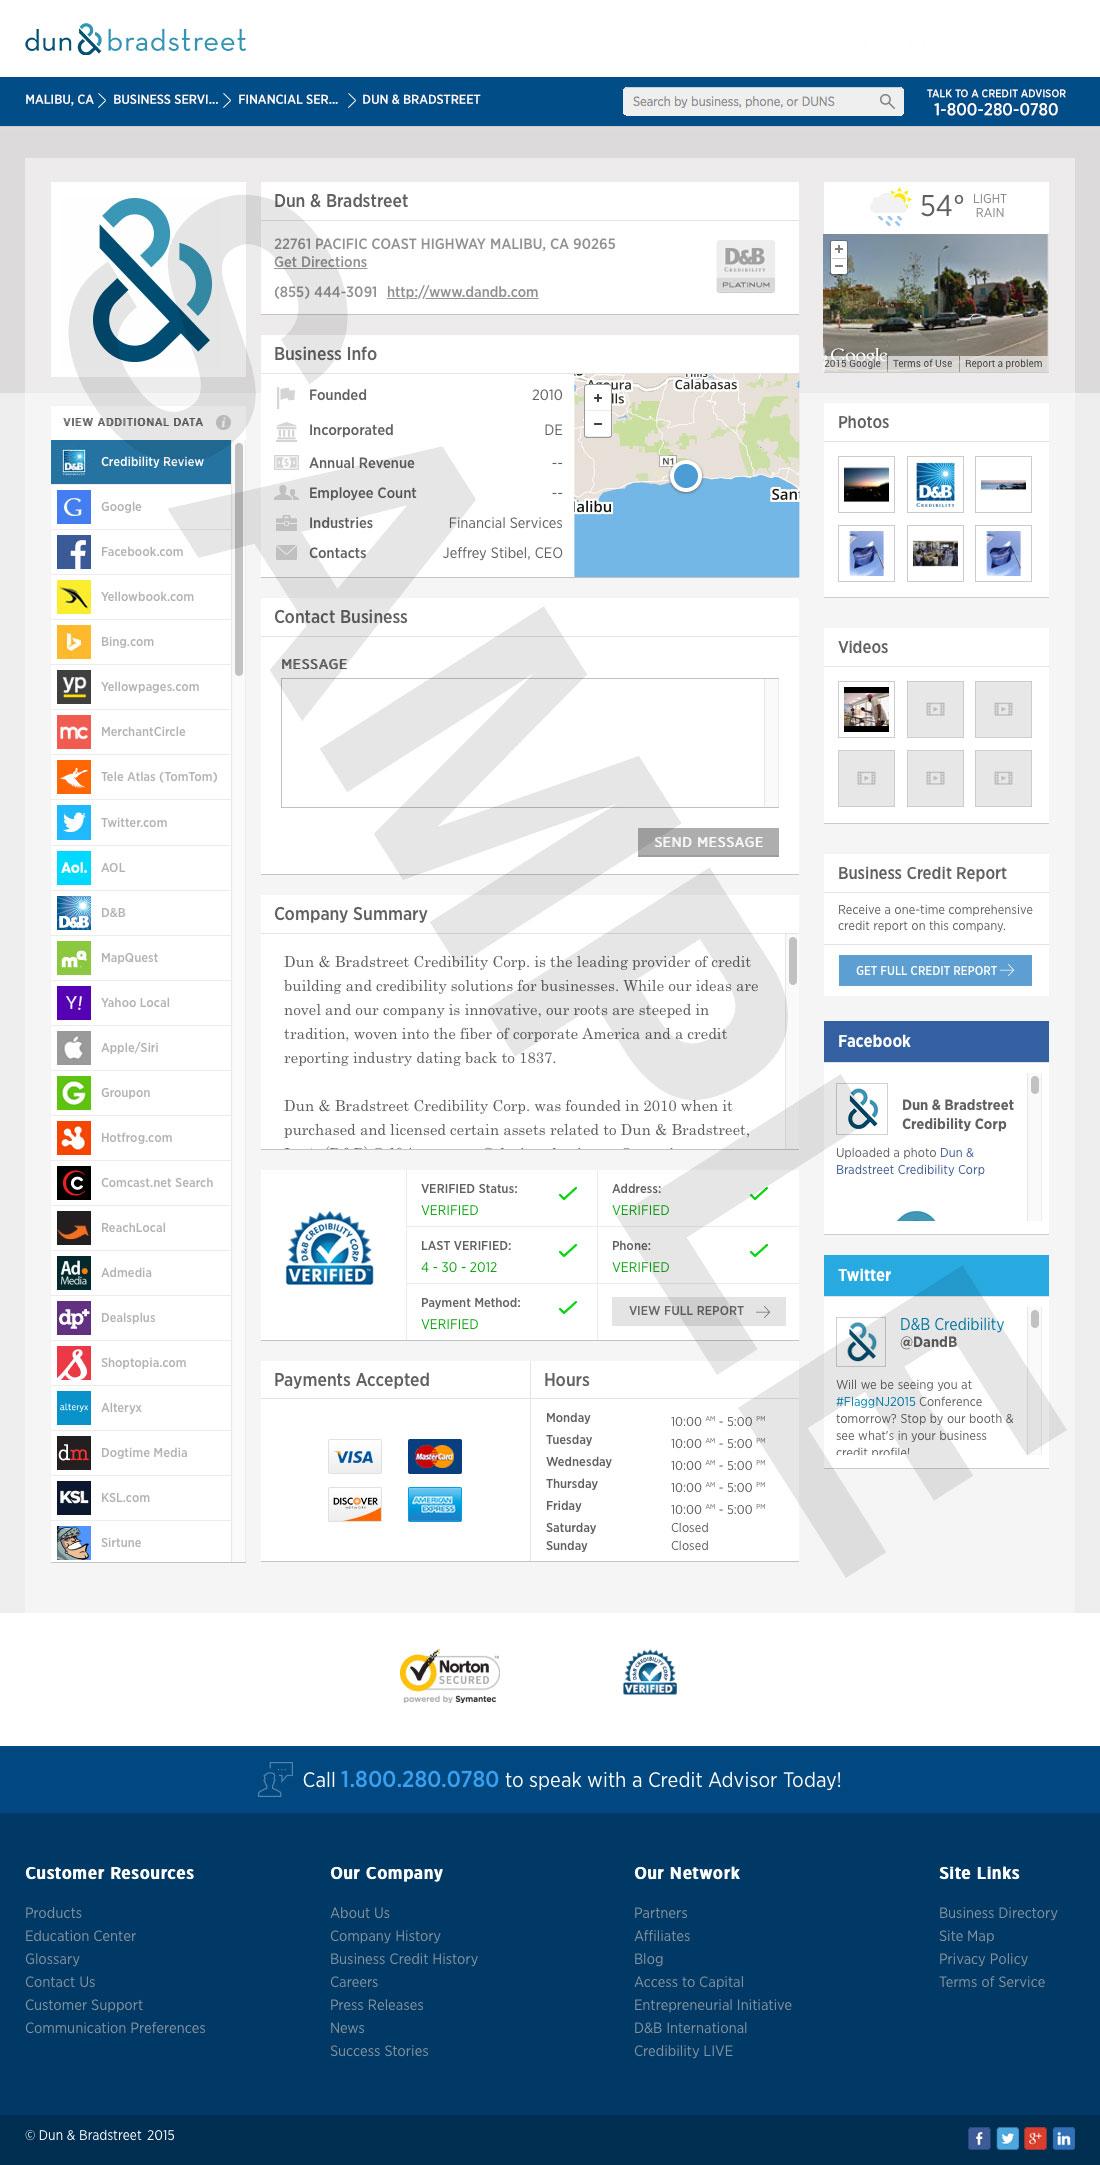 CredRev_Profile